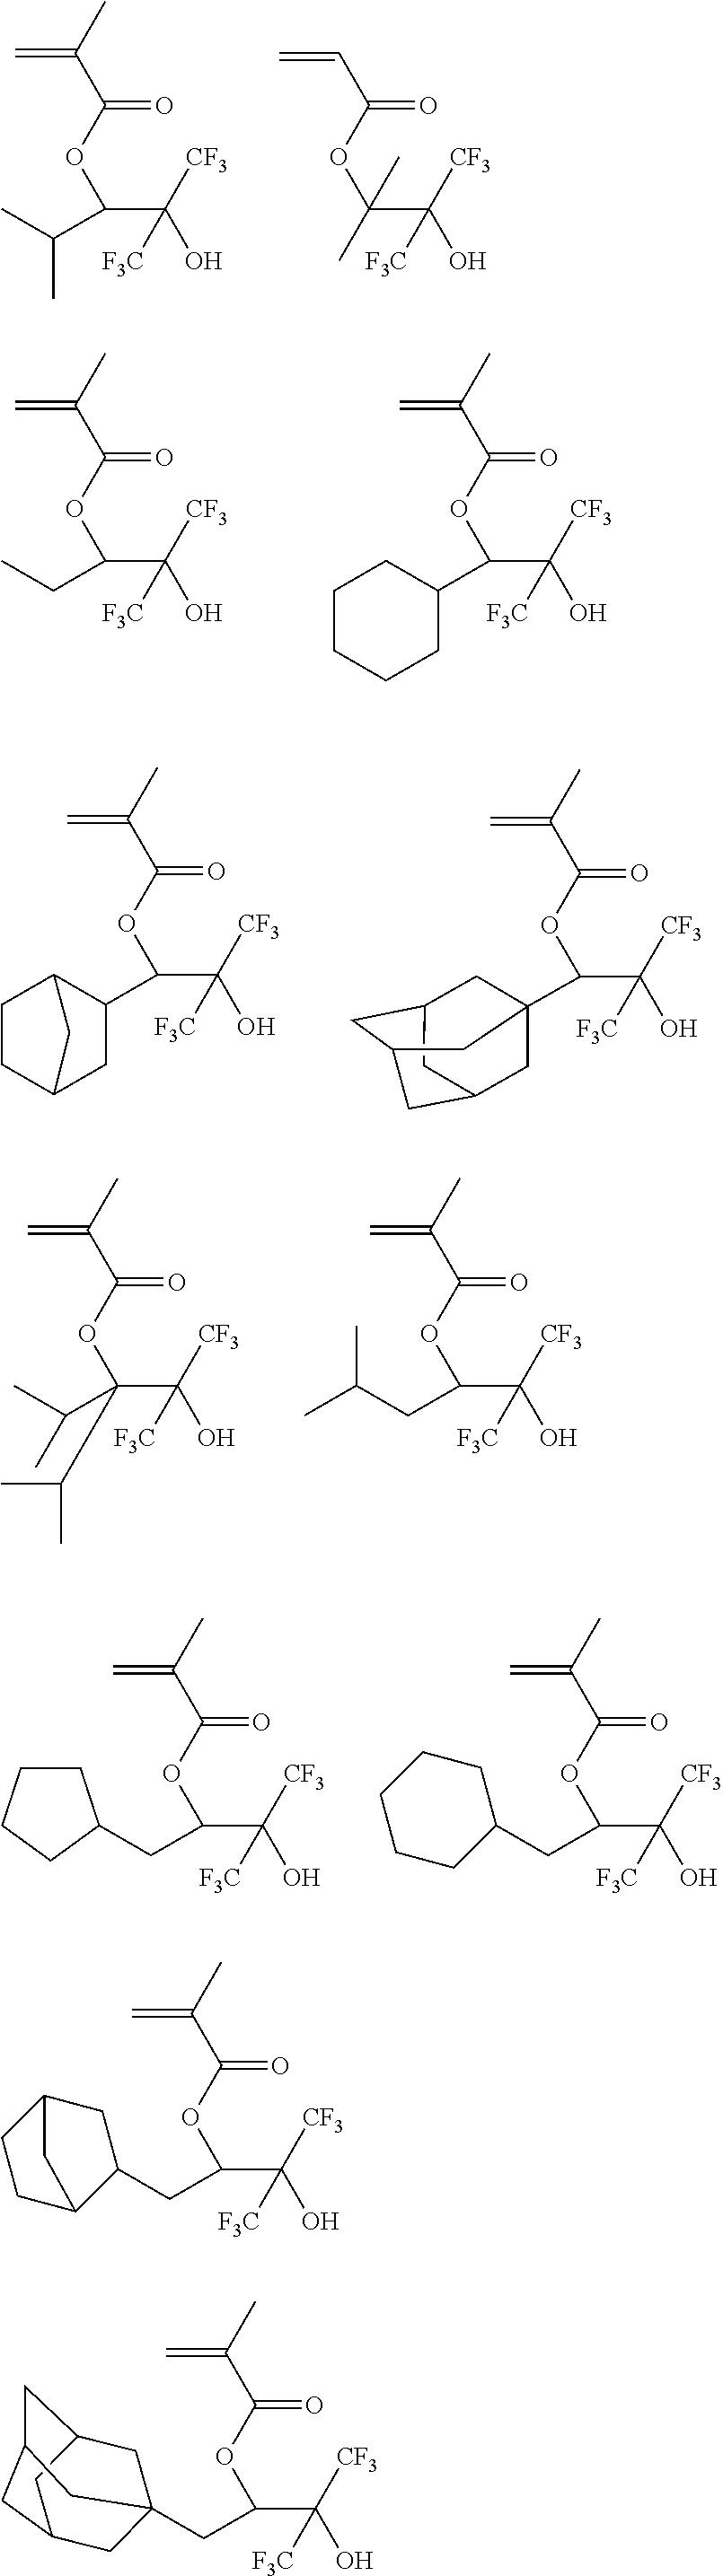 Figure US08129086-20120306-C00026